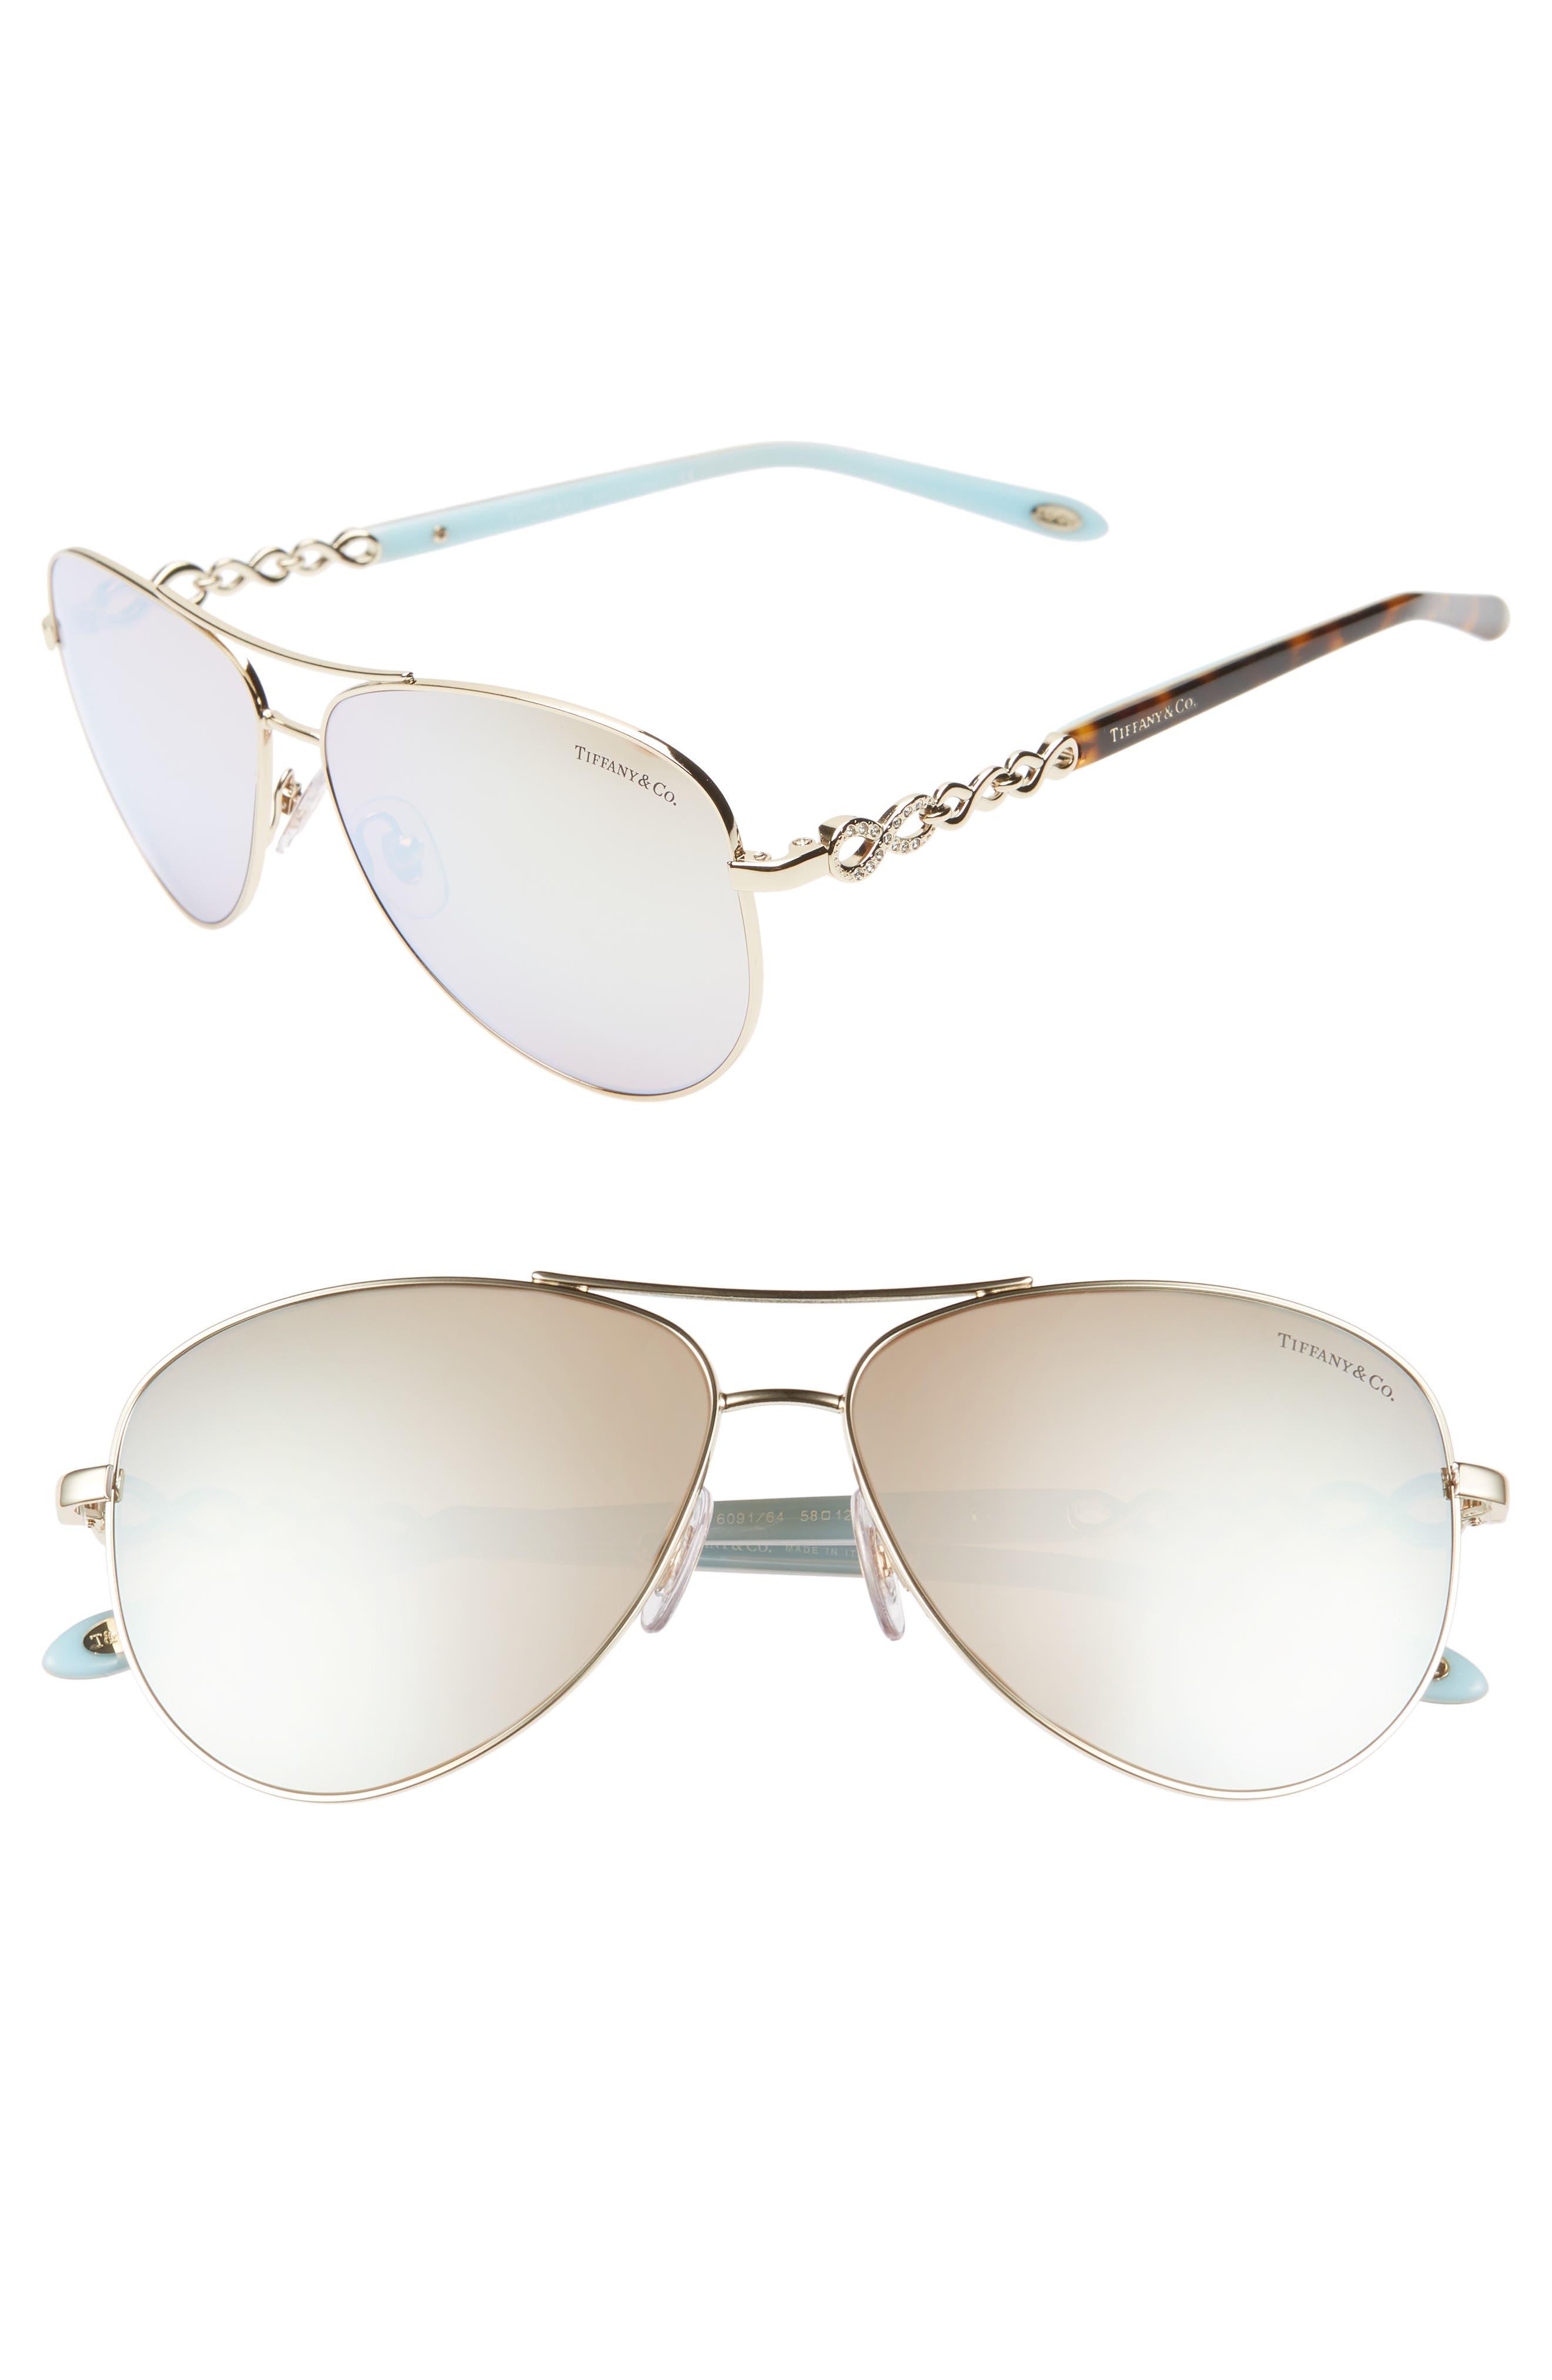 TIFFANY & CO. 58mm Aviator Sunglasses, Main, color, GOLD/ WHITE MIRROR